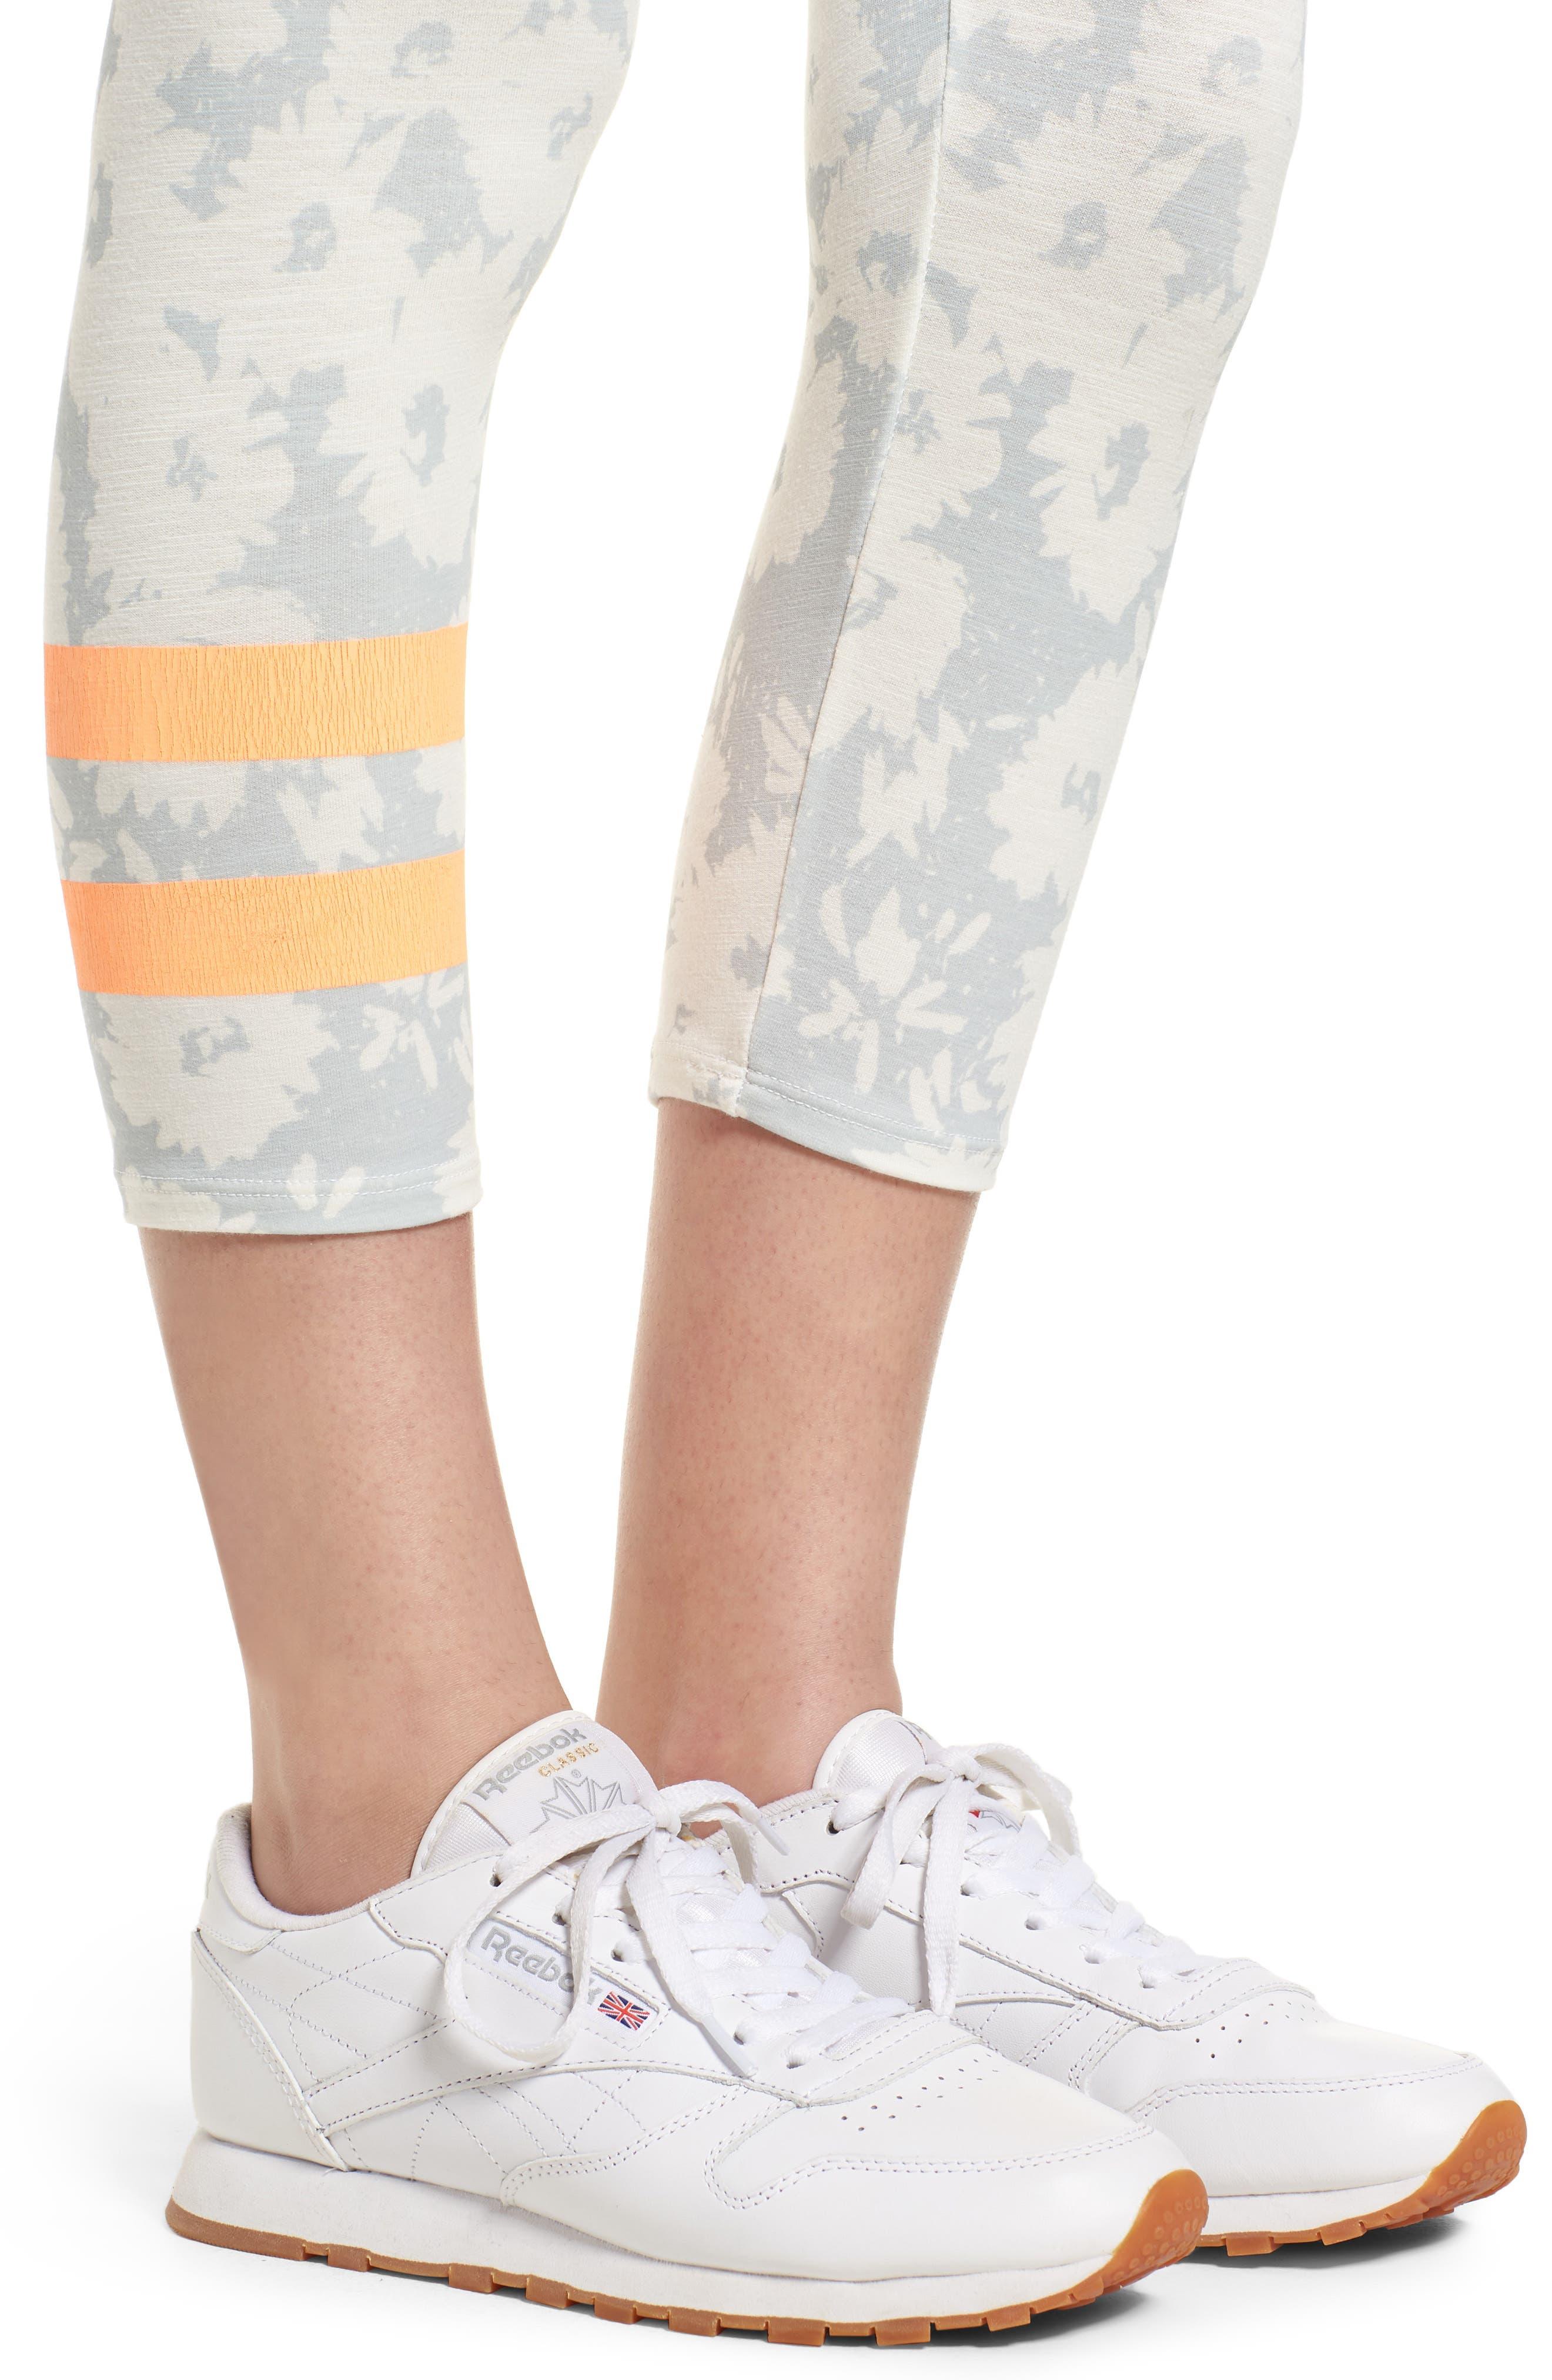 Stripe Print Capri Yoga Pants,                             Alternate thumbnail 4, color,                             451